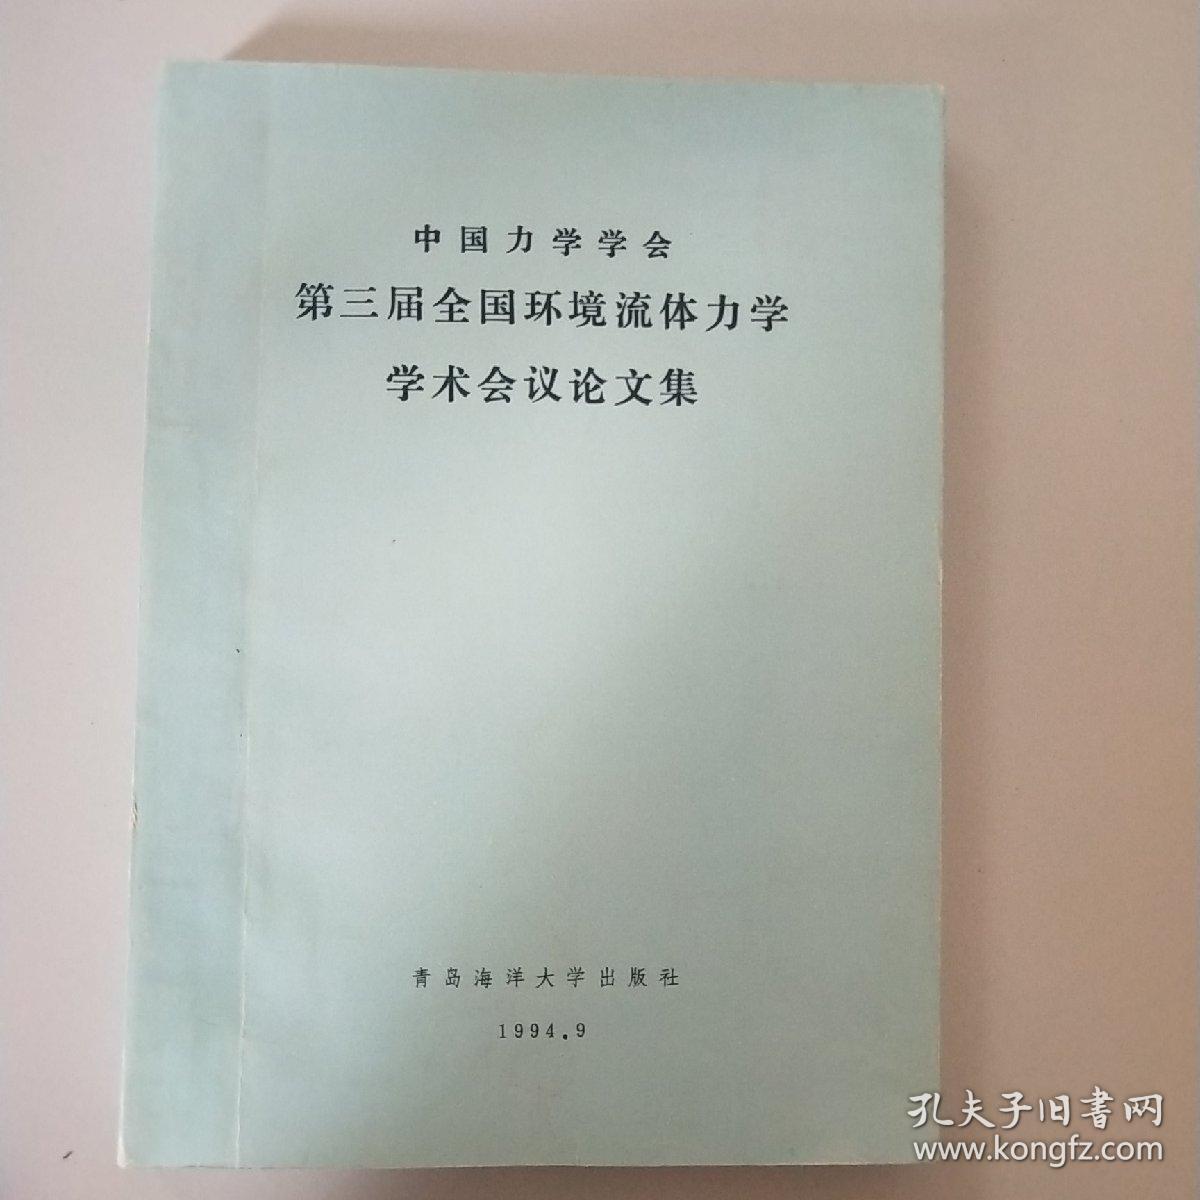 中国力学学会第三届全国环境流体力学学术会议论文集